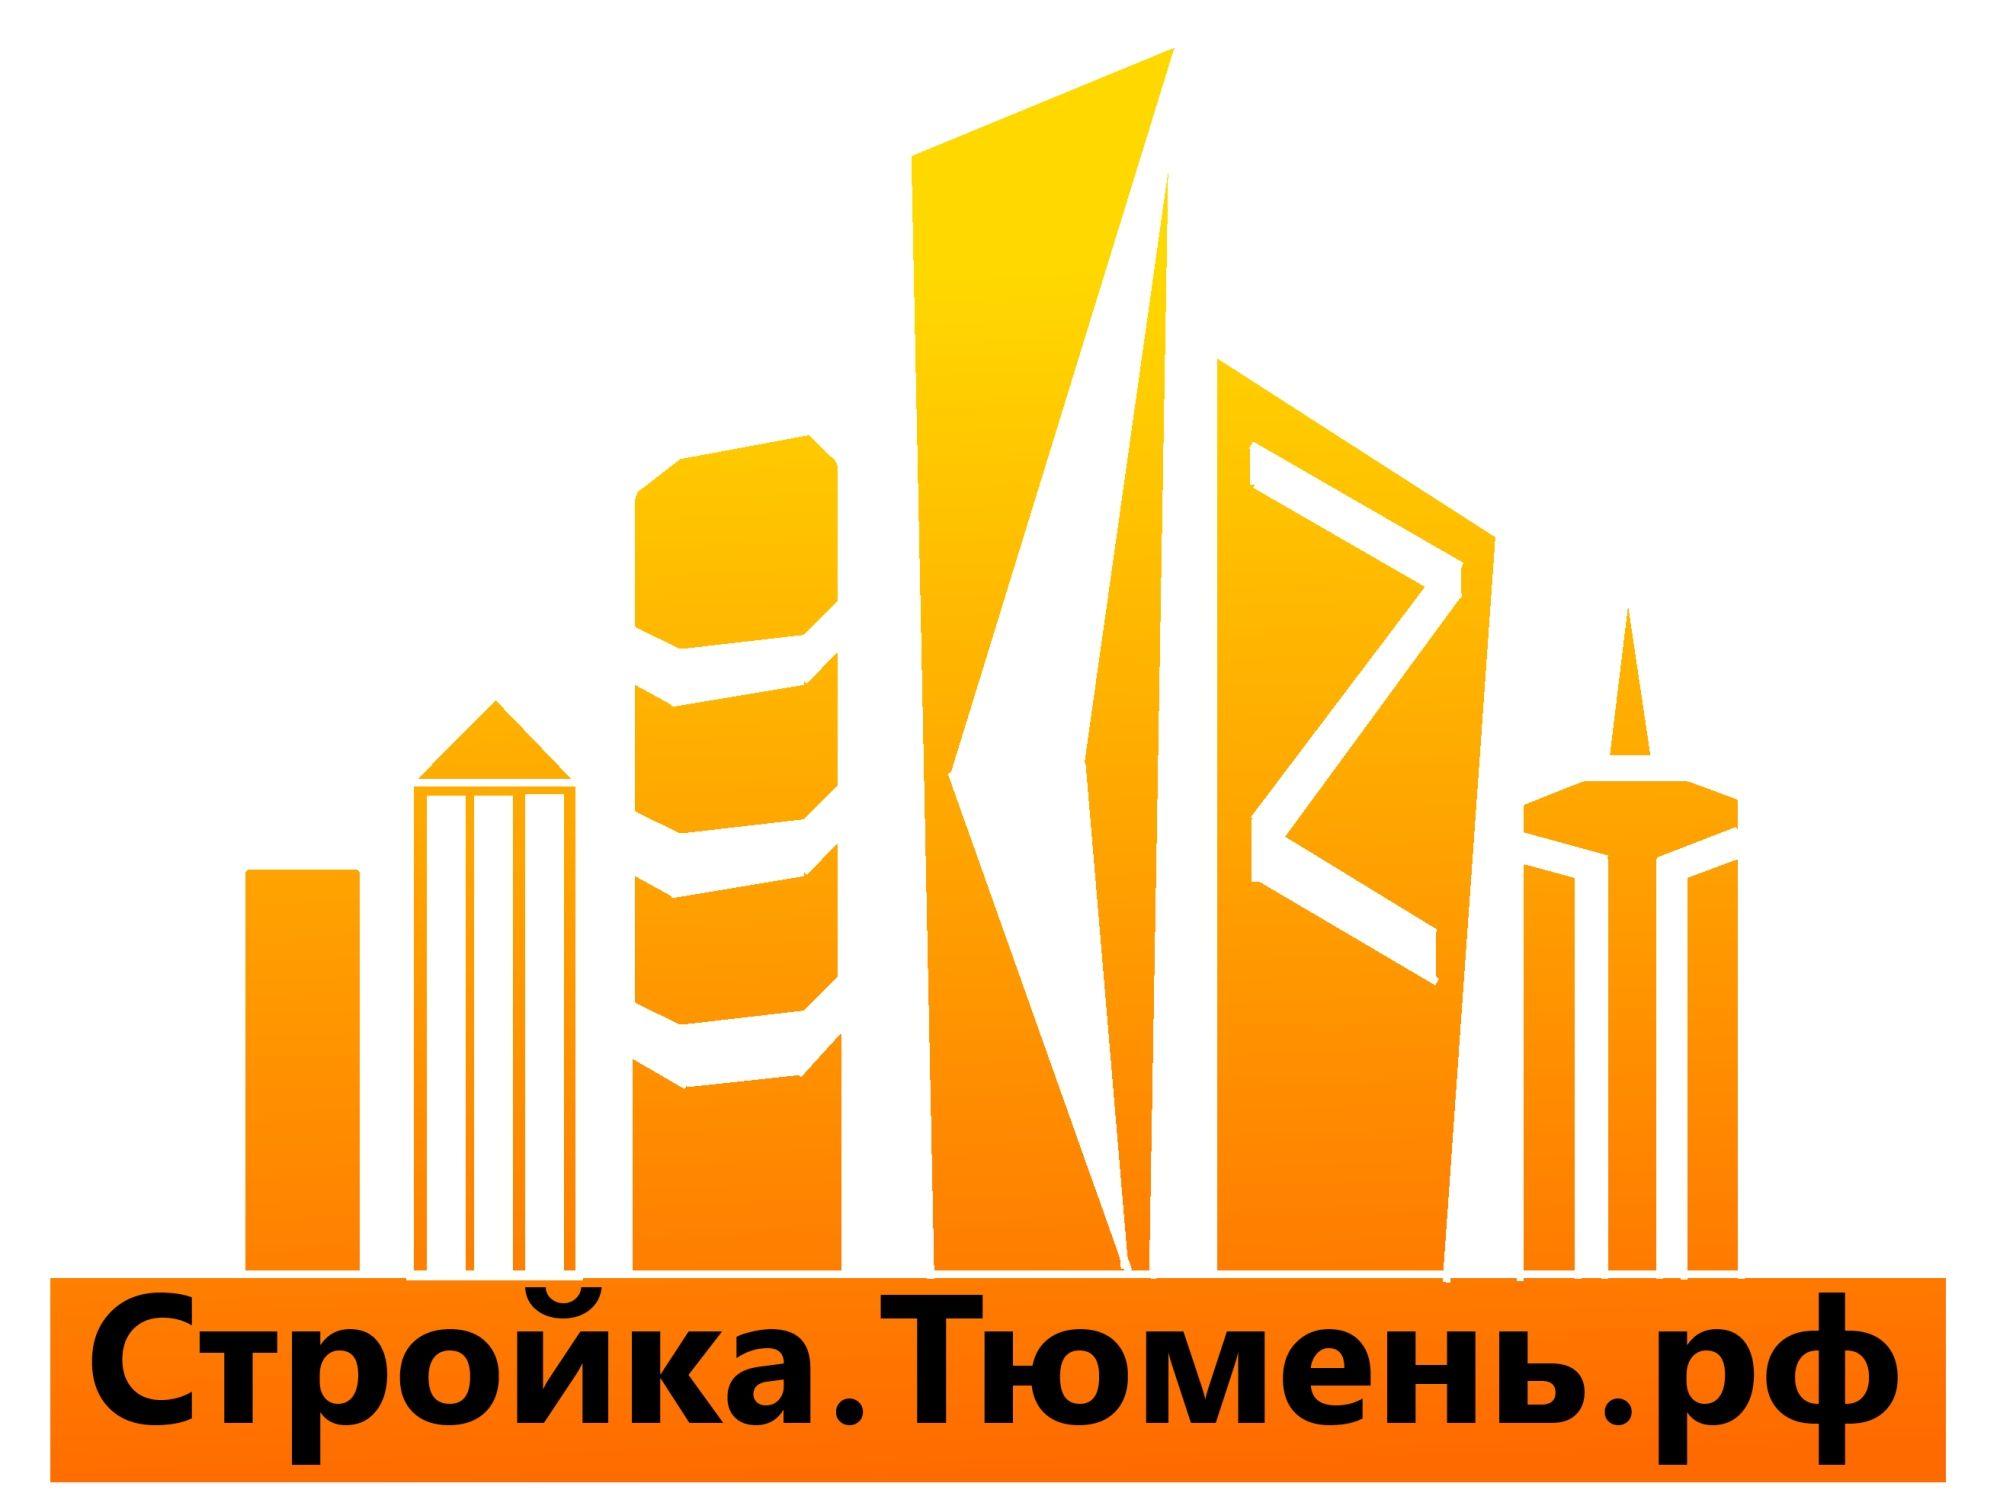 Логотип для строительного портала - дизайнер zagretdinovt